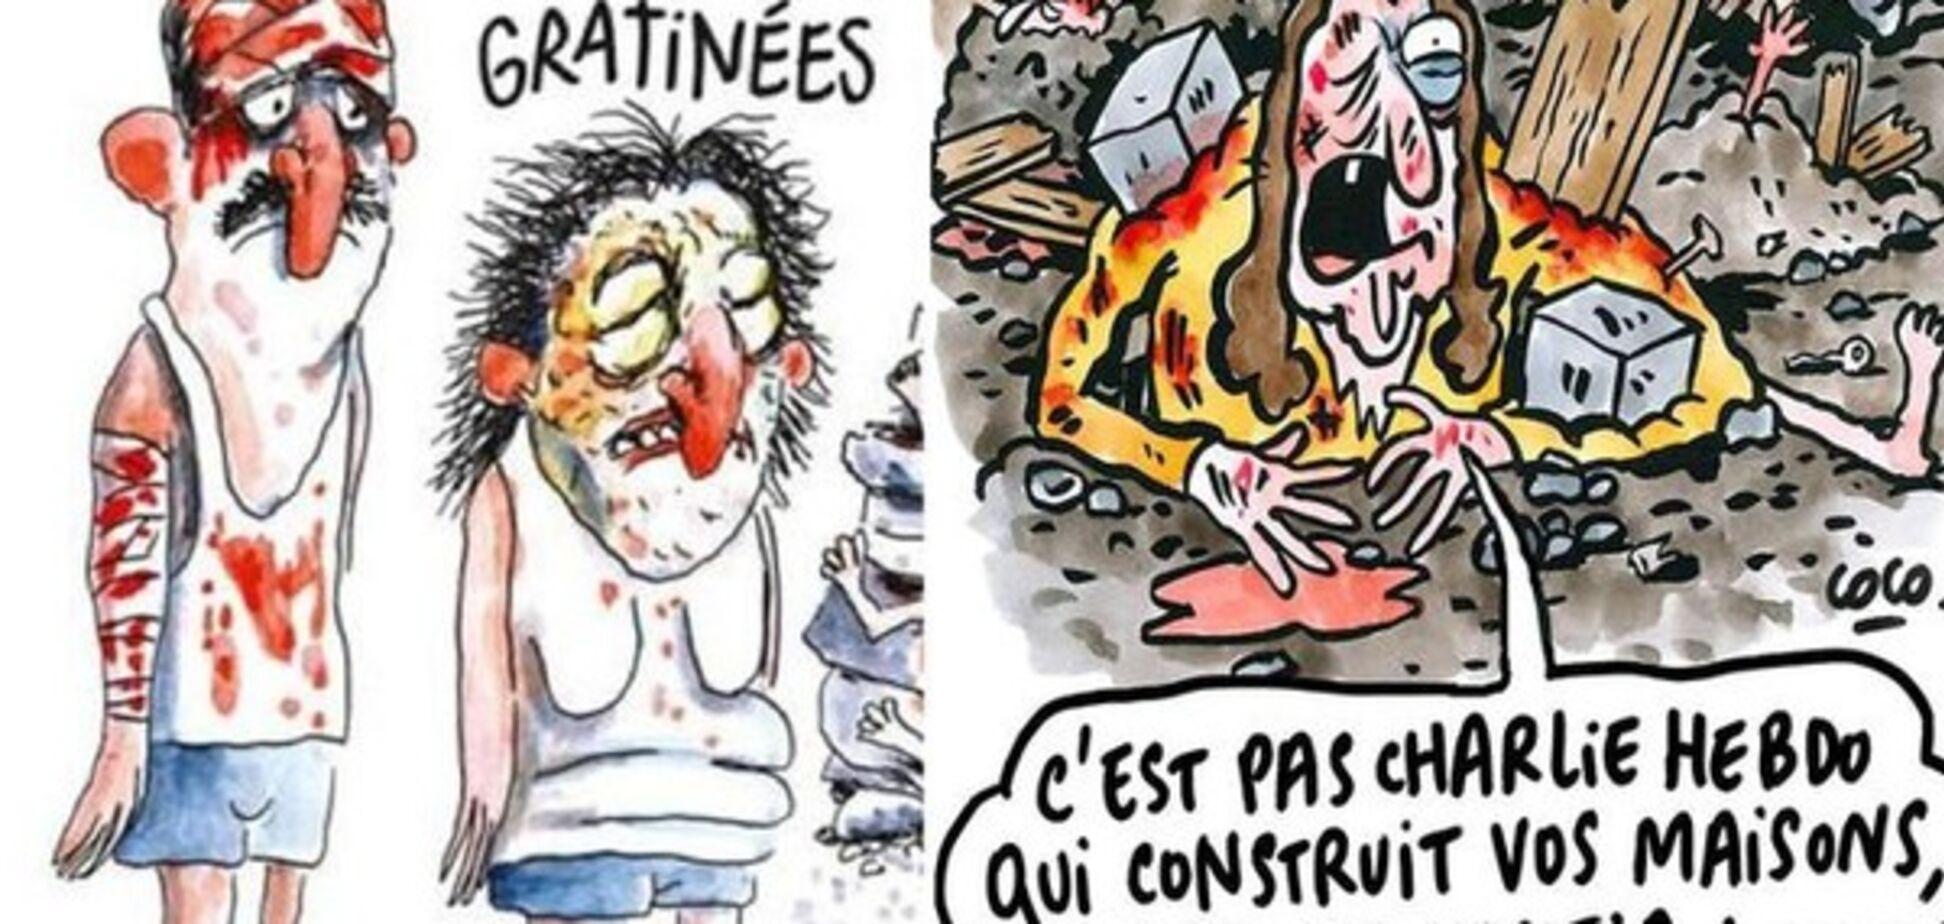 Землетрясение в Италии: власти пострадавшего города подали в суд на Charlie Hebdo из-за карикатуры